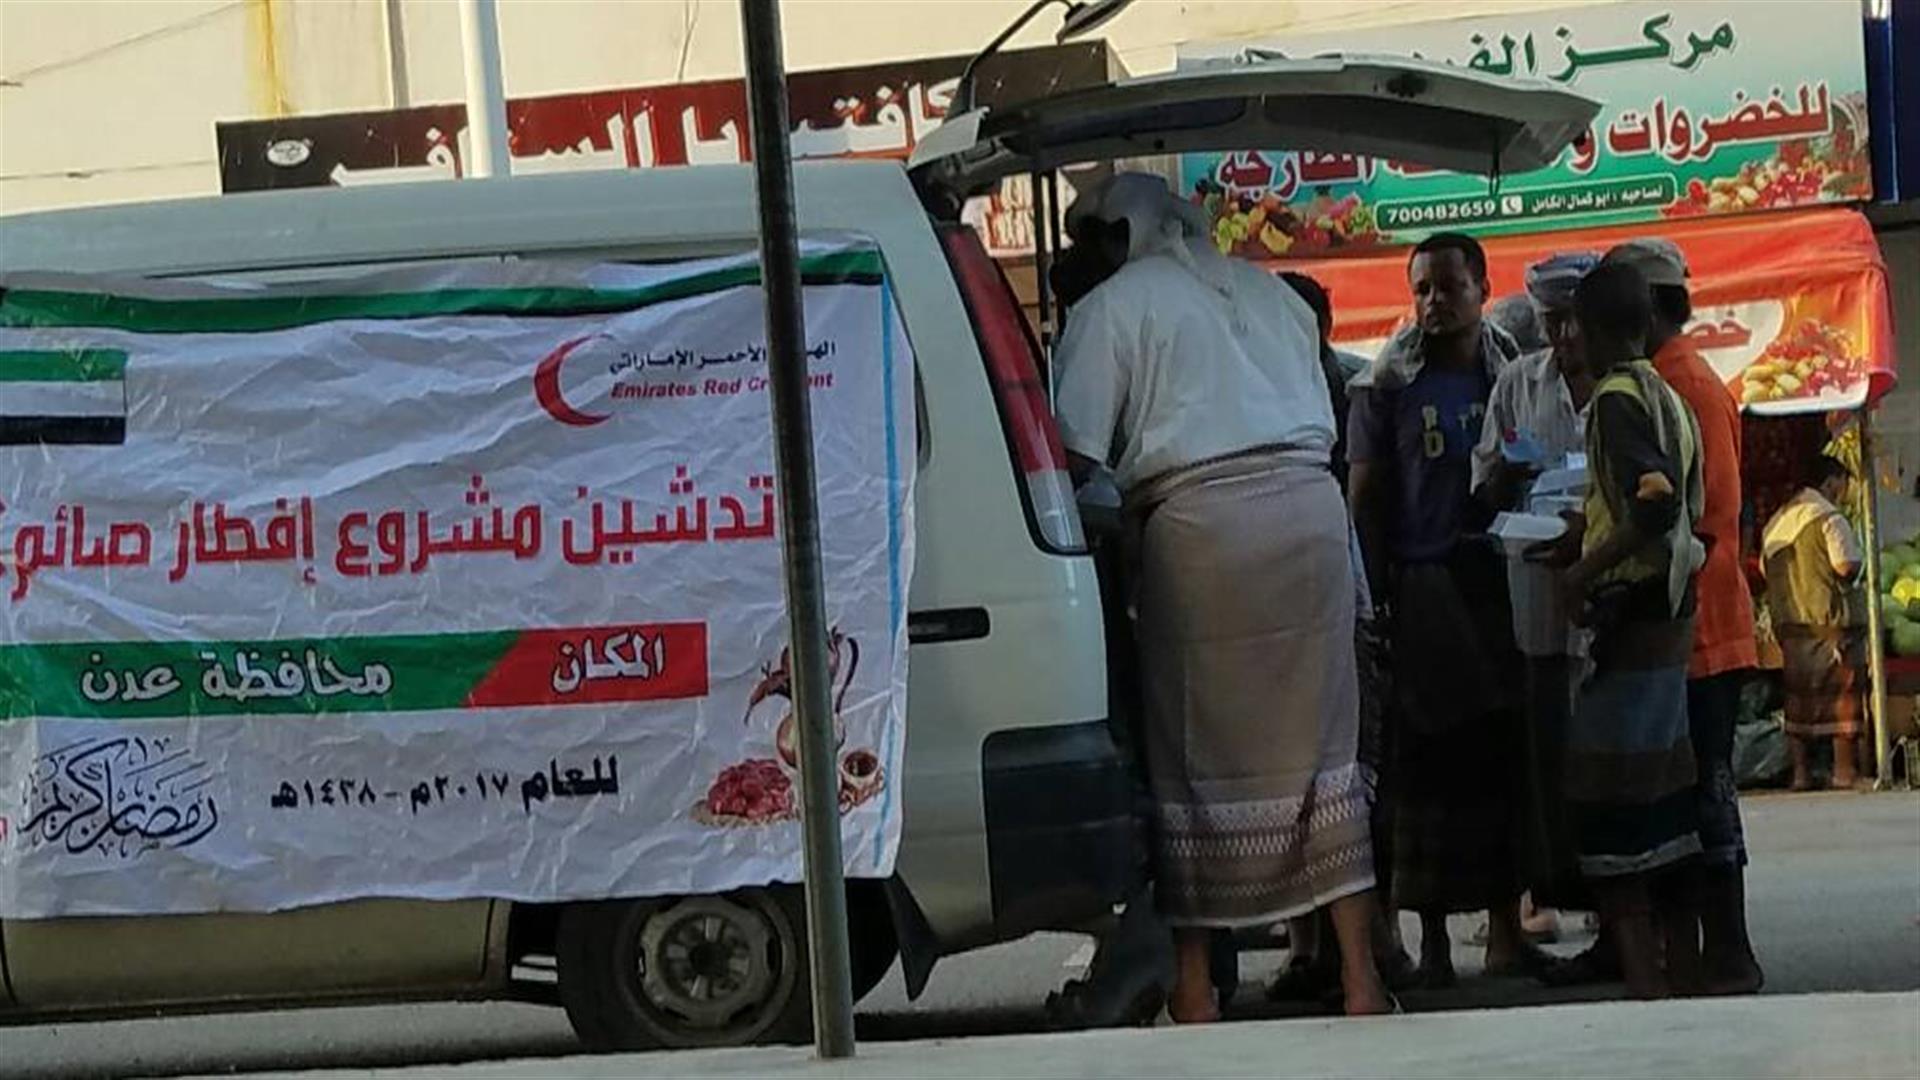 الهلال الأحمر الإماراتي يوزع 1000 سلة غذائية على سكان رأس عمران اليمنية